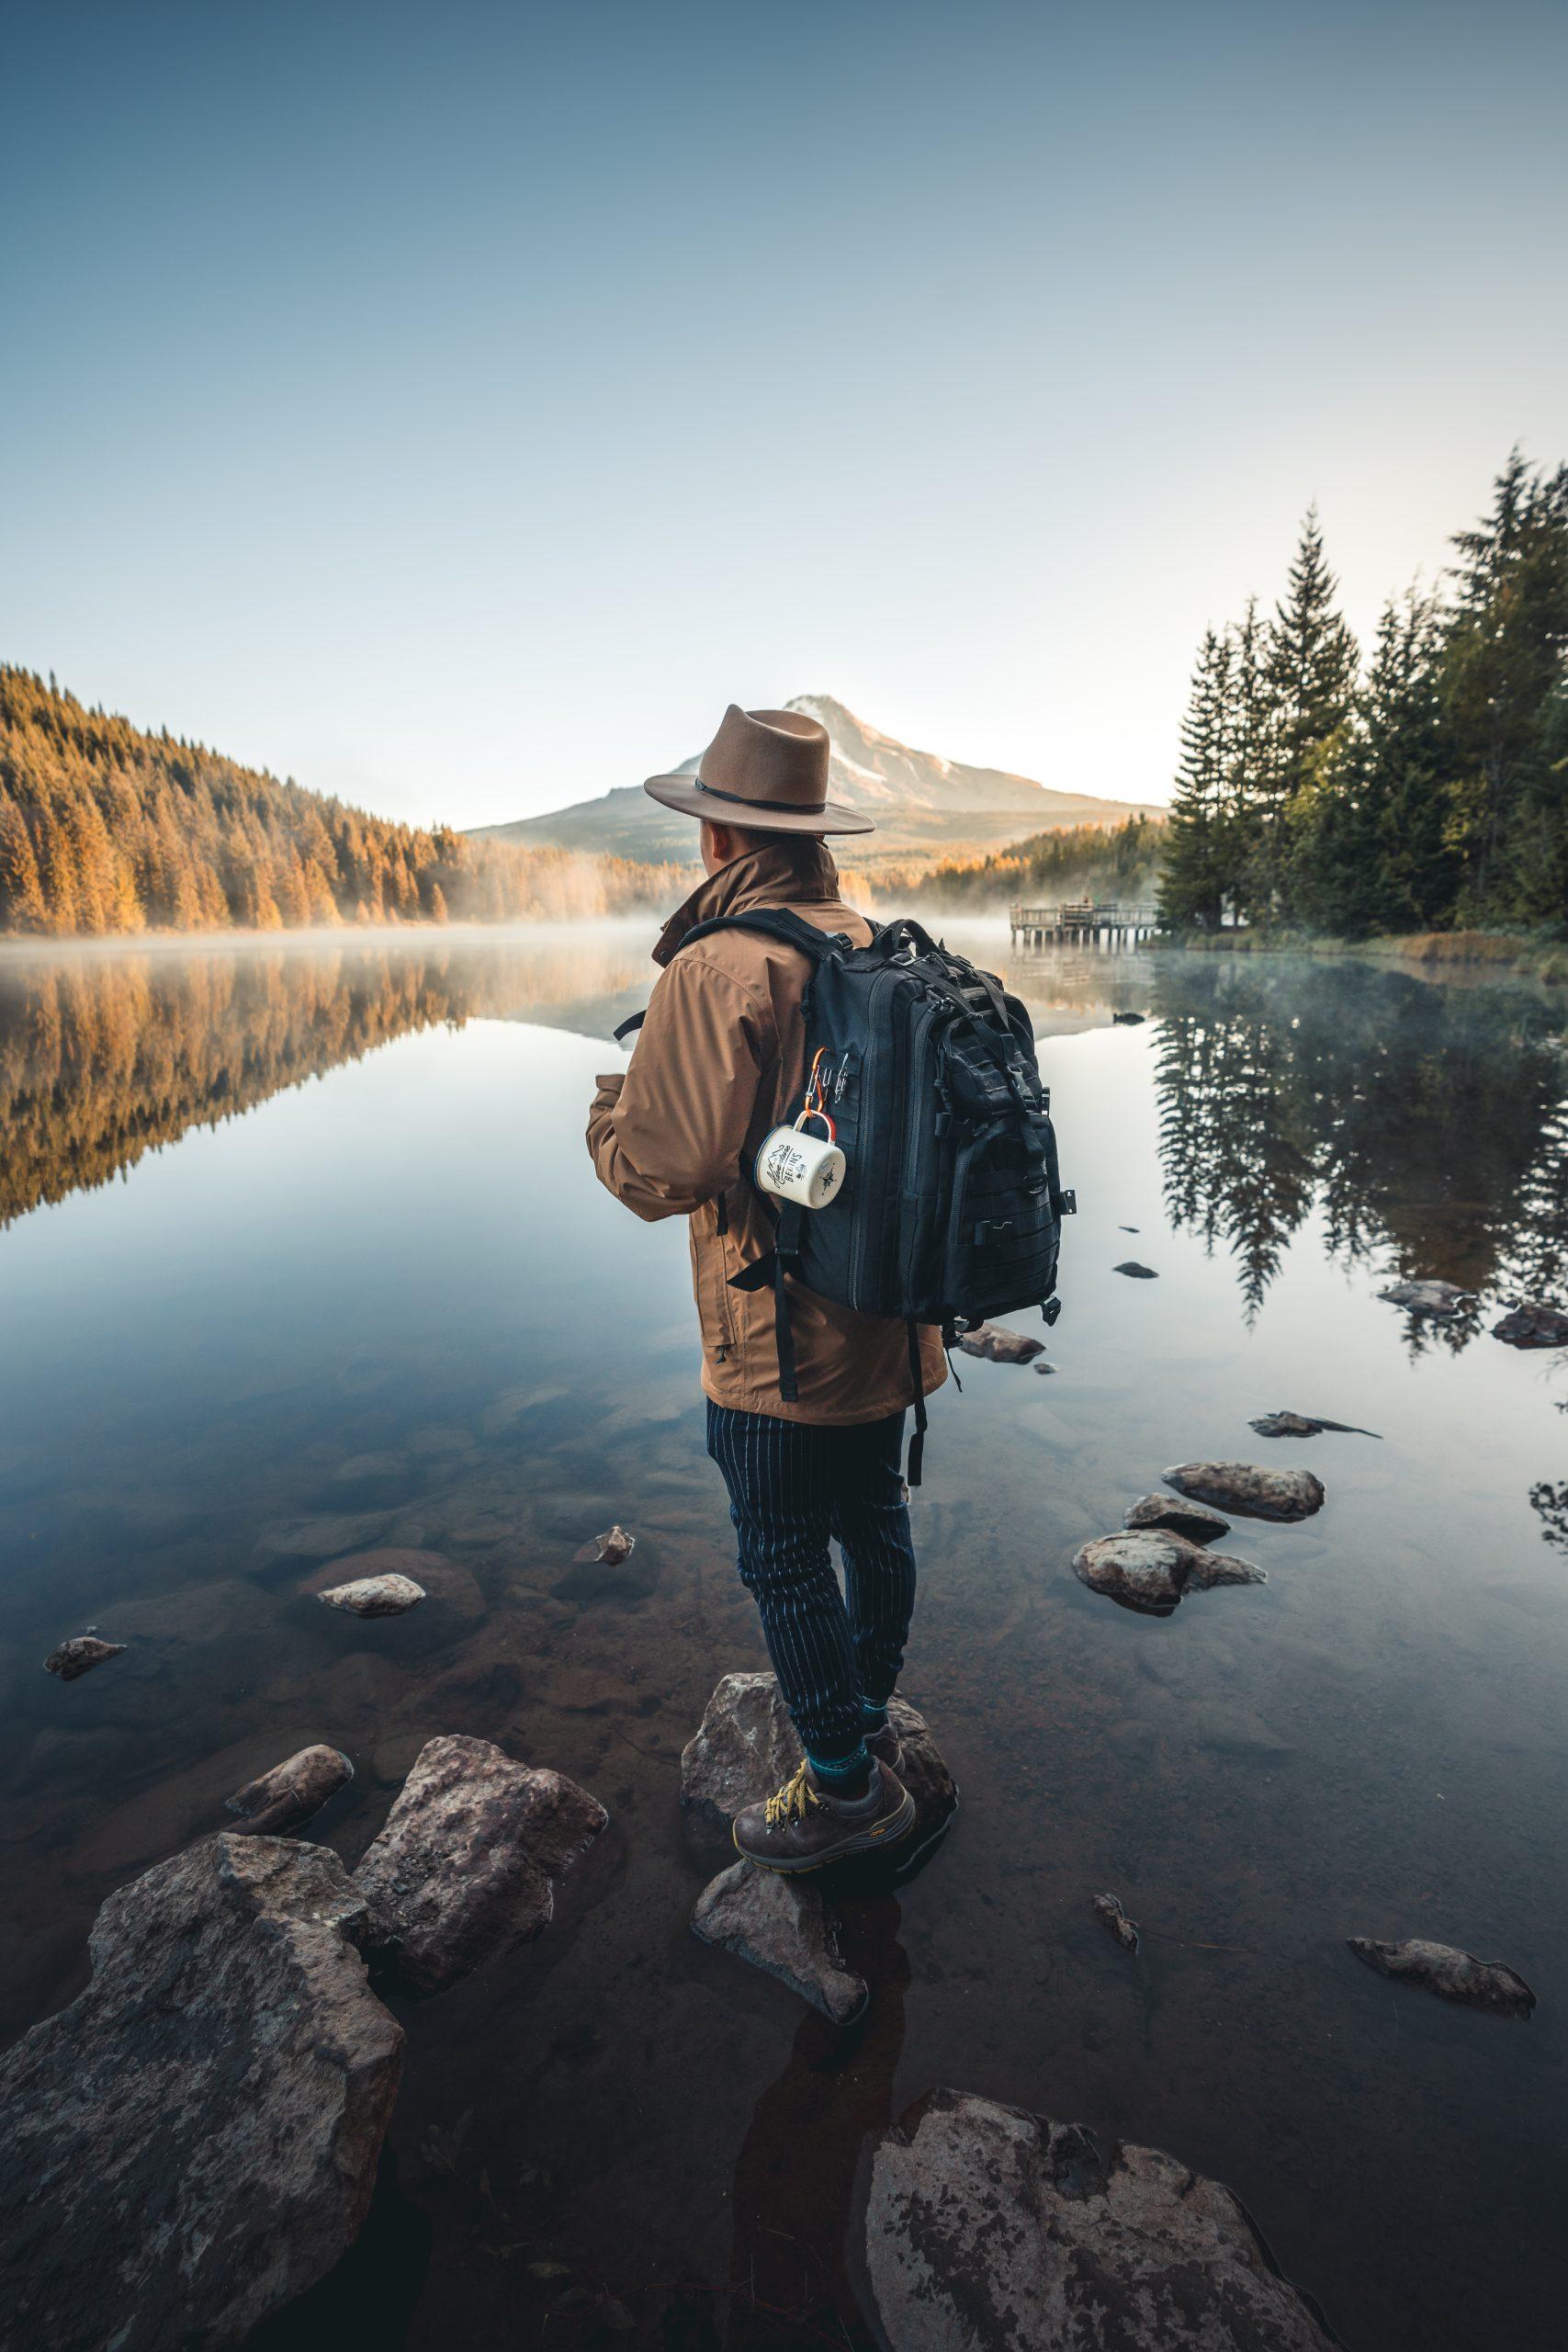 voyageurse devant un lac